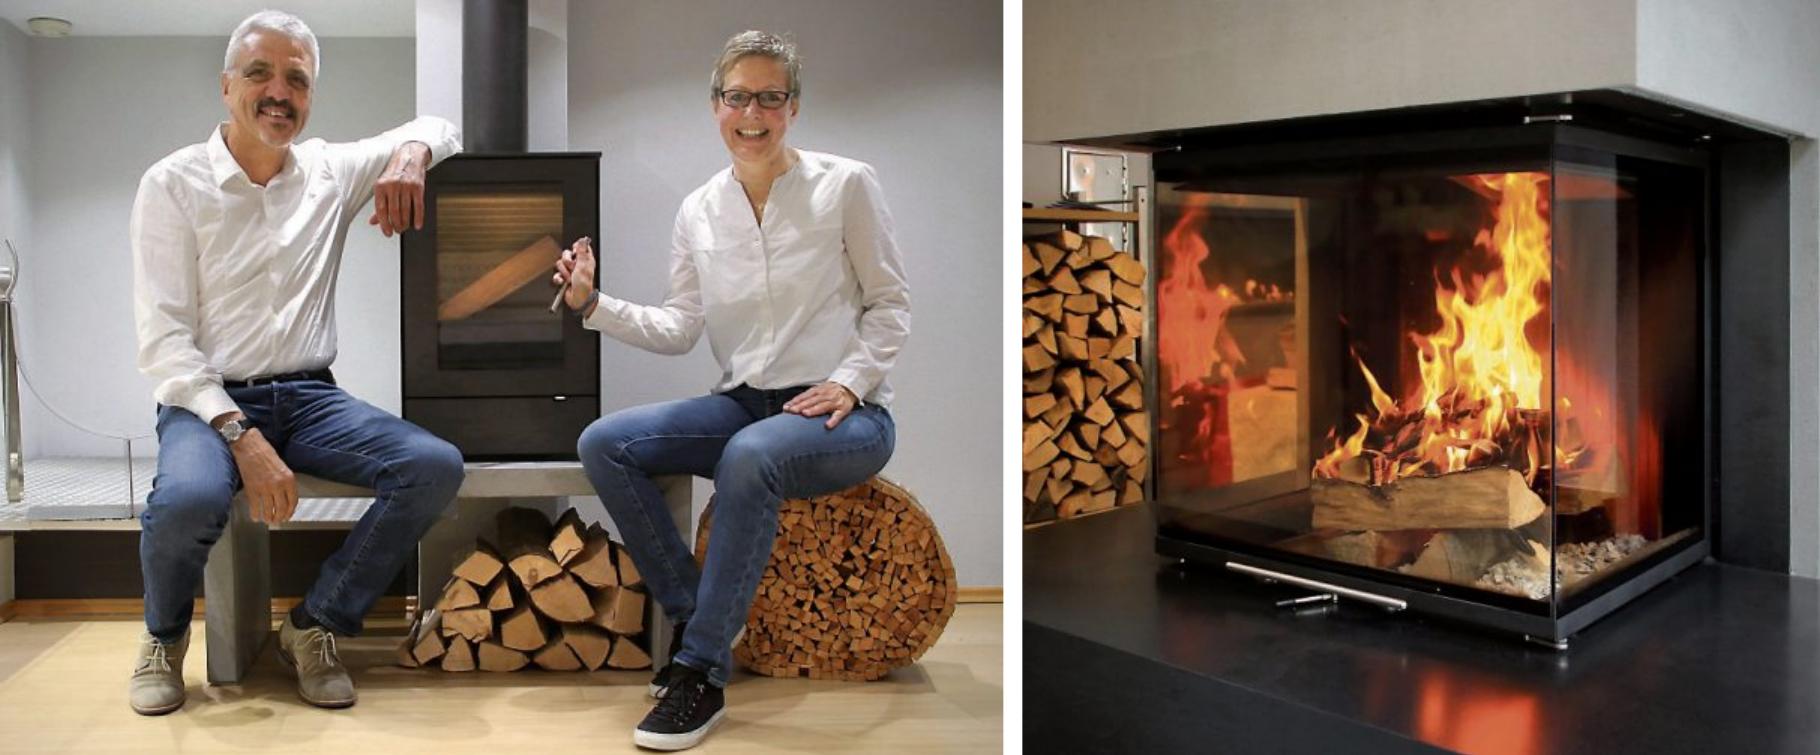 Karl-Friedrich und Christine Fauser, die Inhaber der Ofenmanufaktur Fauser. Daneben lodert das Feuer im schönen Kamin, der im Eingangsbereich des Ladens zu sehen ist. Bilder: Erich Sommer